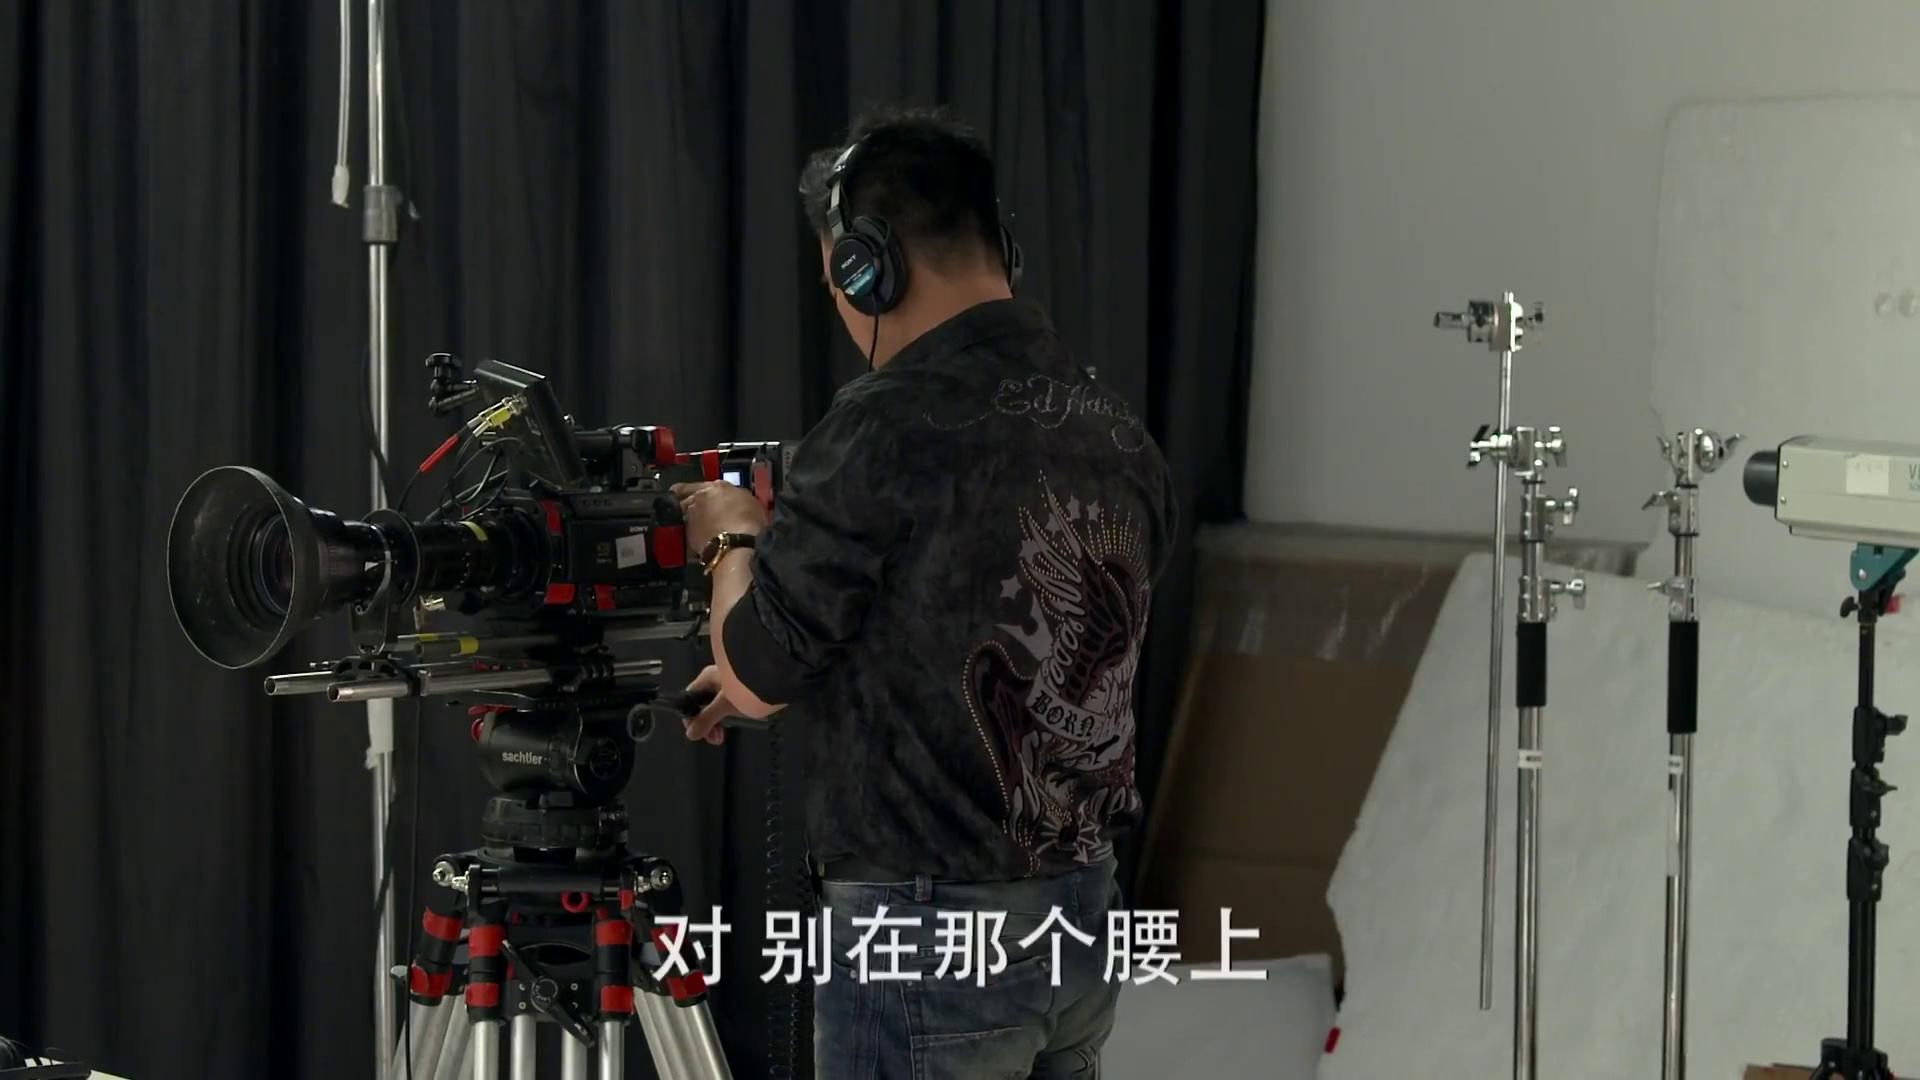 《咱们结婚吧》-第7集精彩看点 杨桃果然尴尬遇 录音气氛变冷却